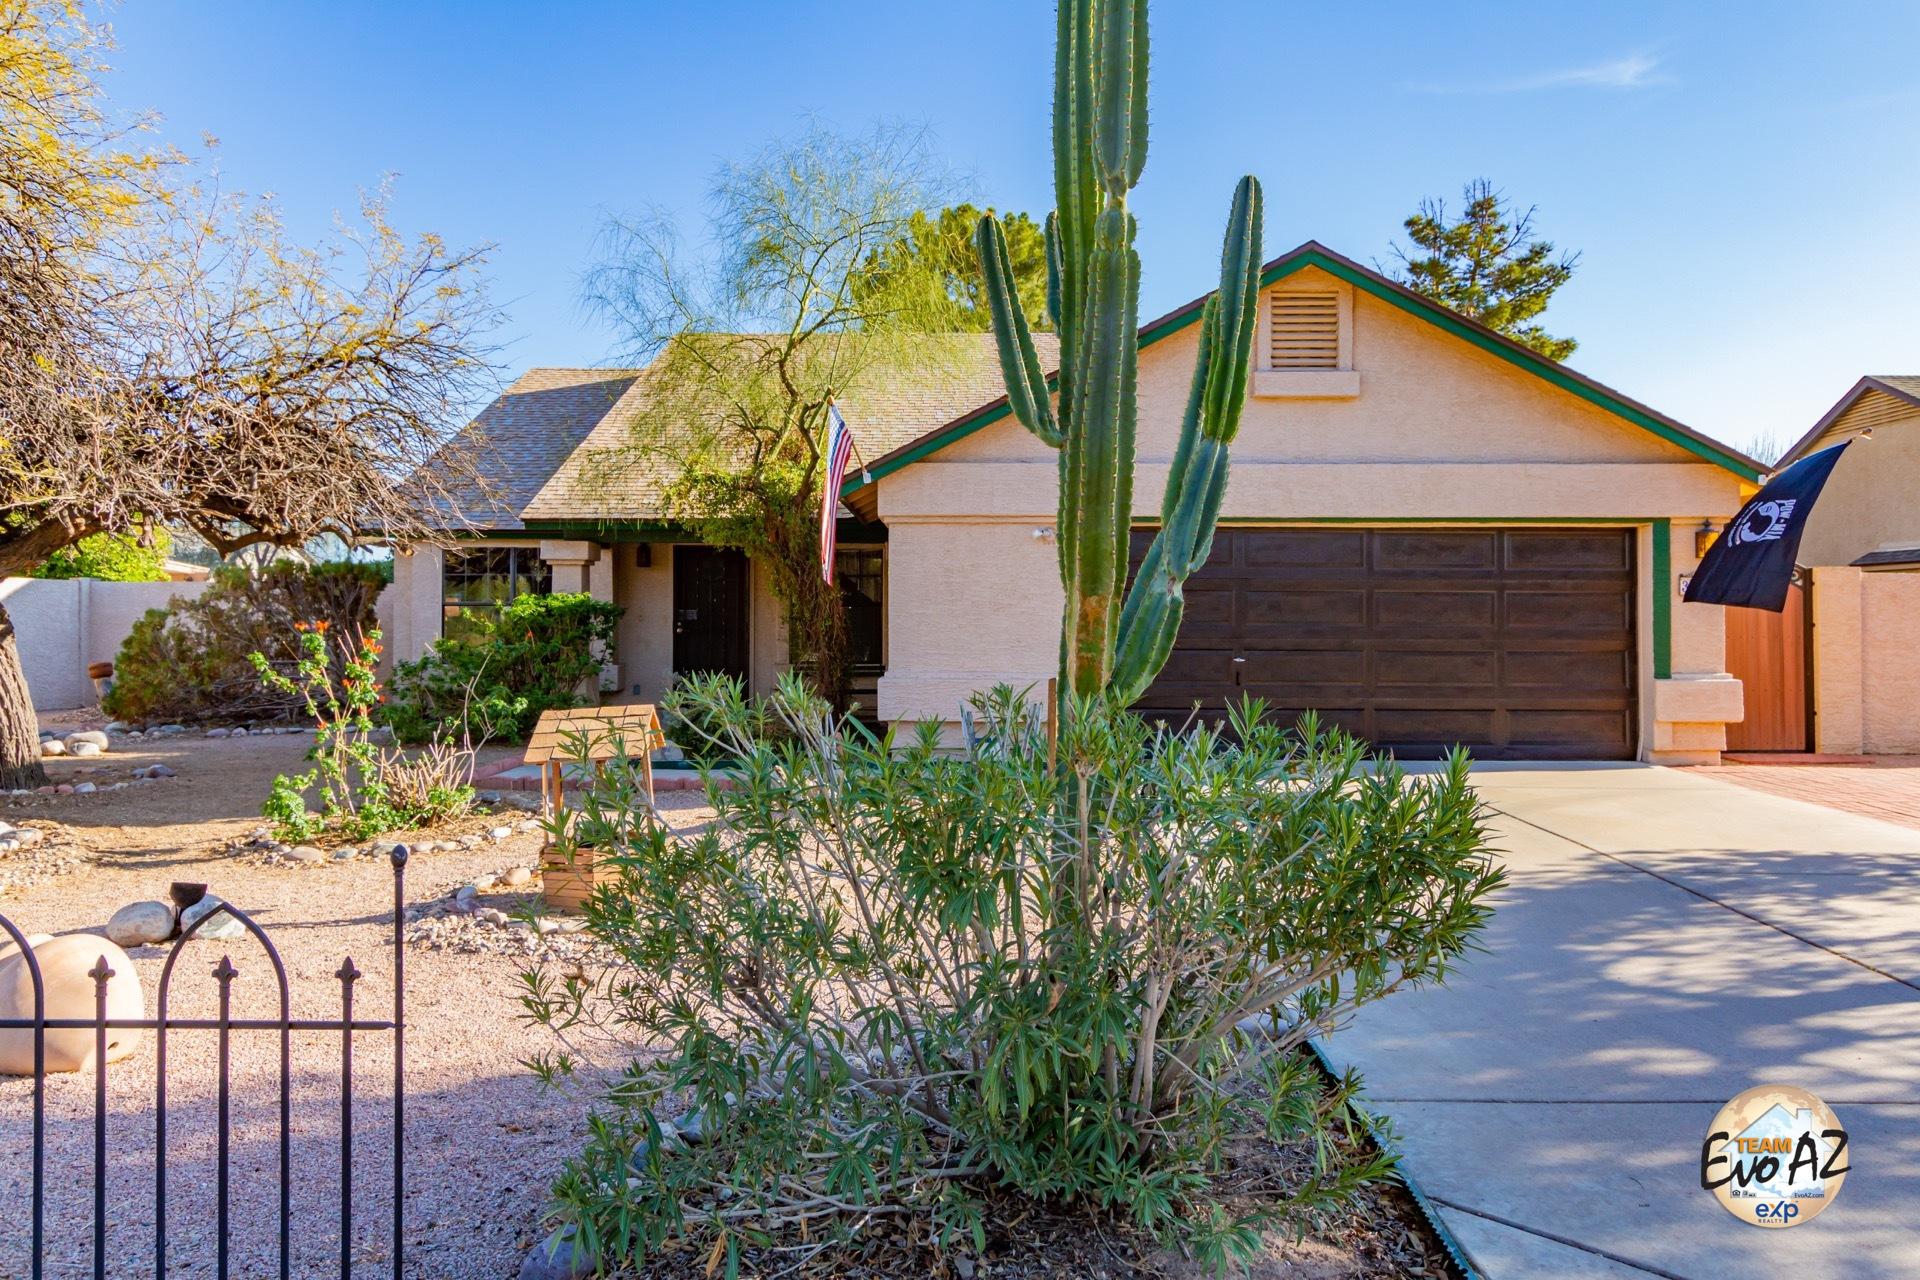 3007 E LELAND ST, Mesa, AZ 85213